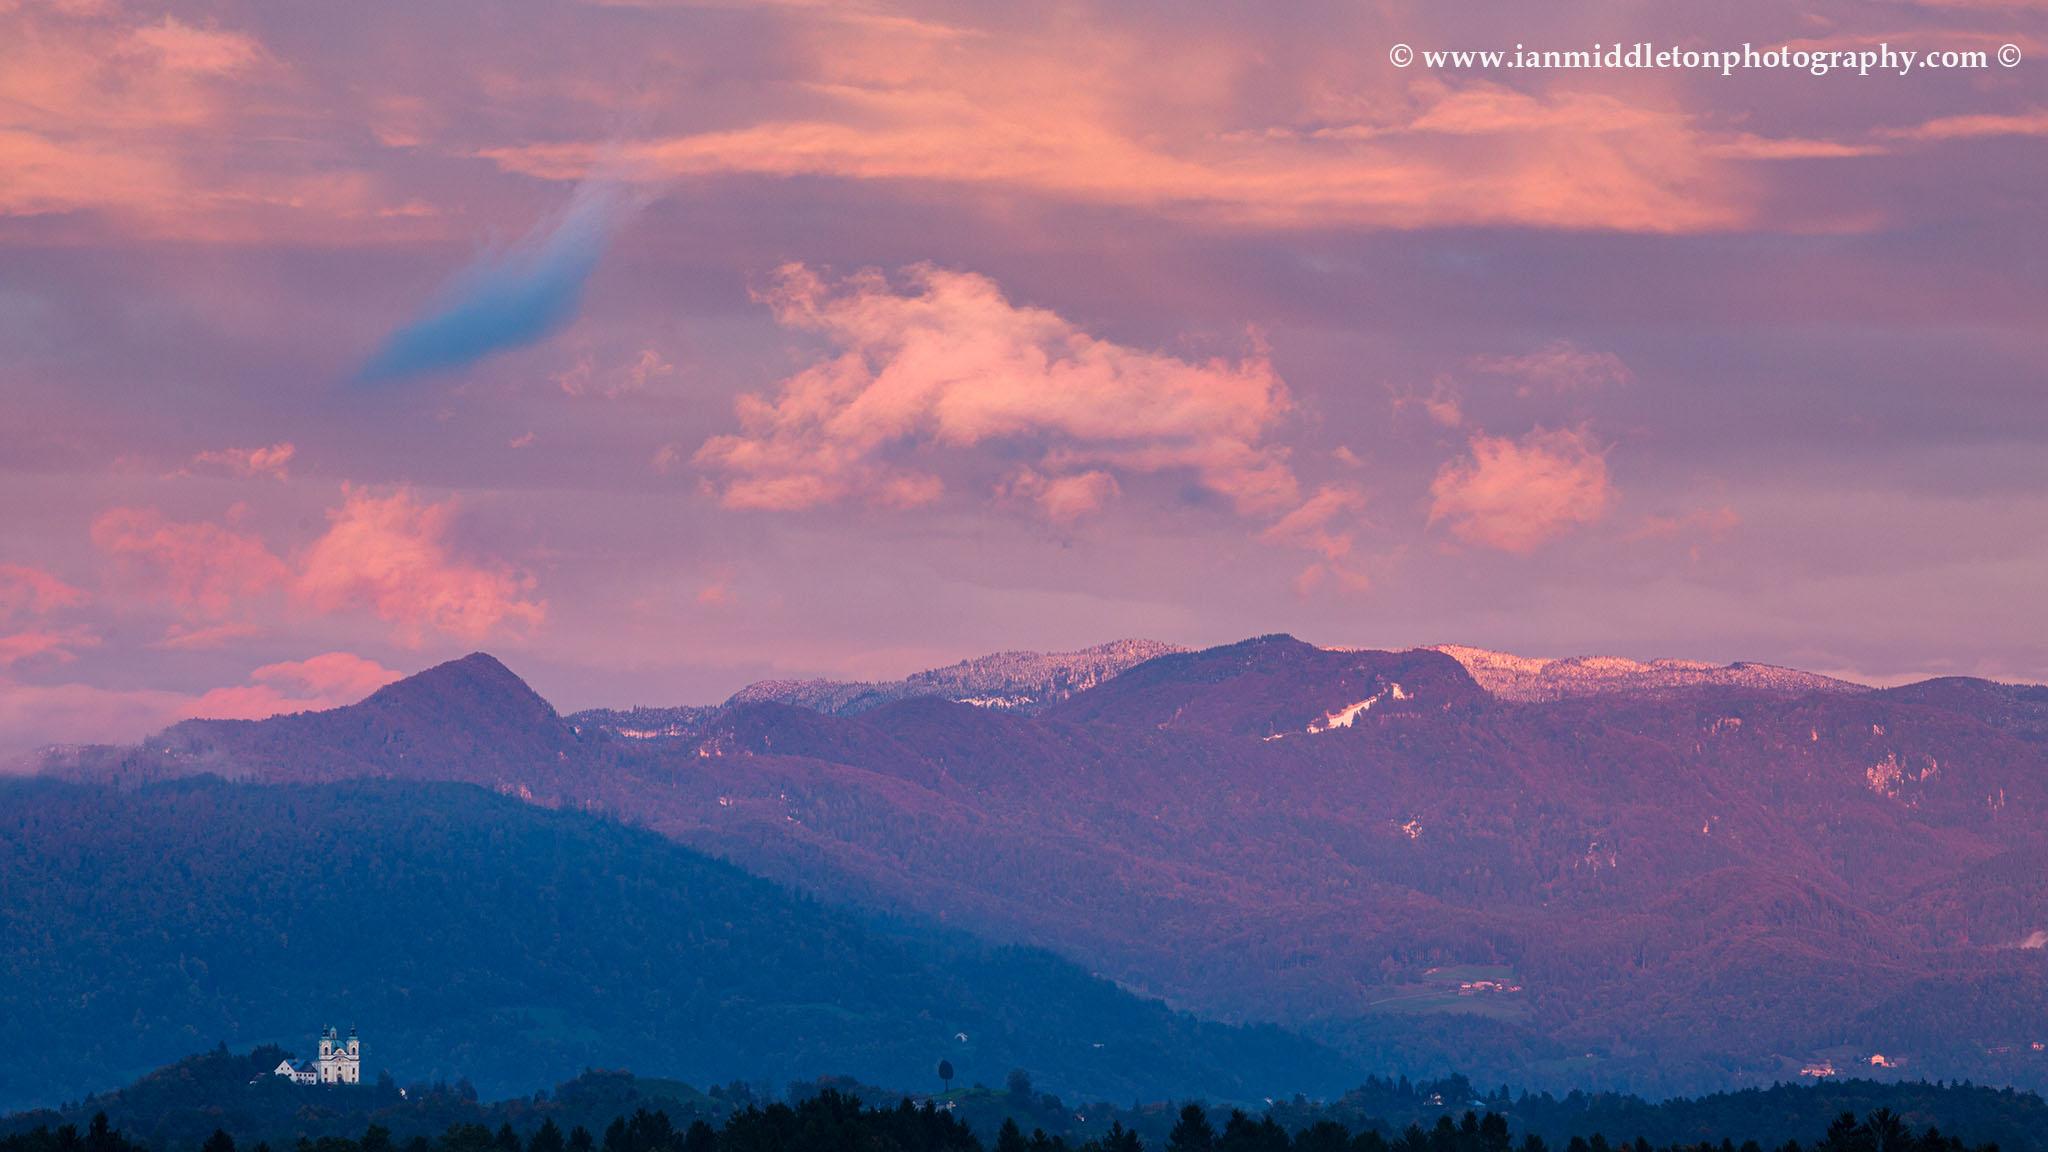 Sunset over Saint Ana church in Tunjice, Slovenia. Shot from a field in Brnik, near the Ljubljana airport.